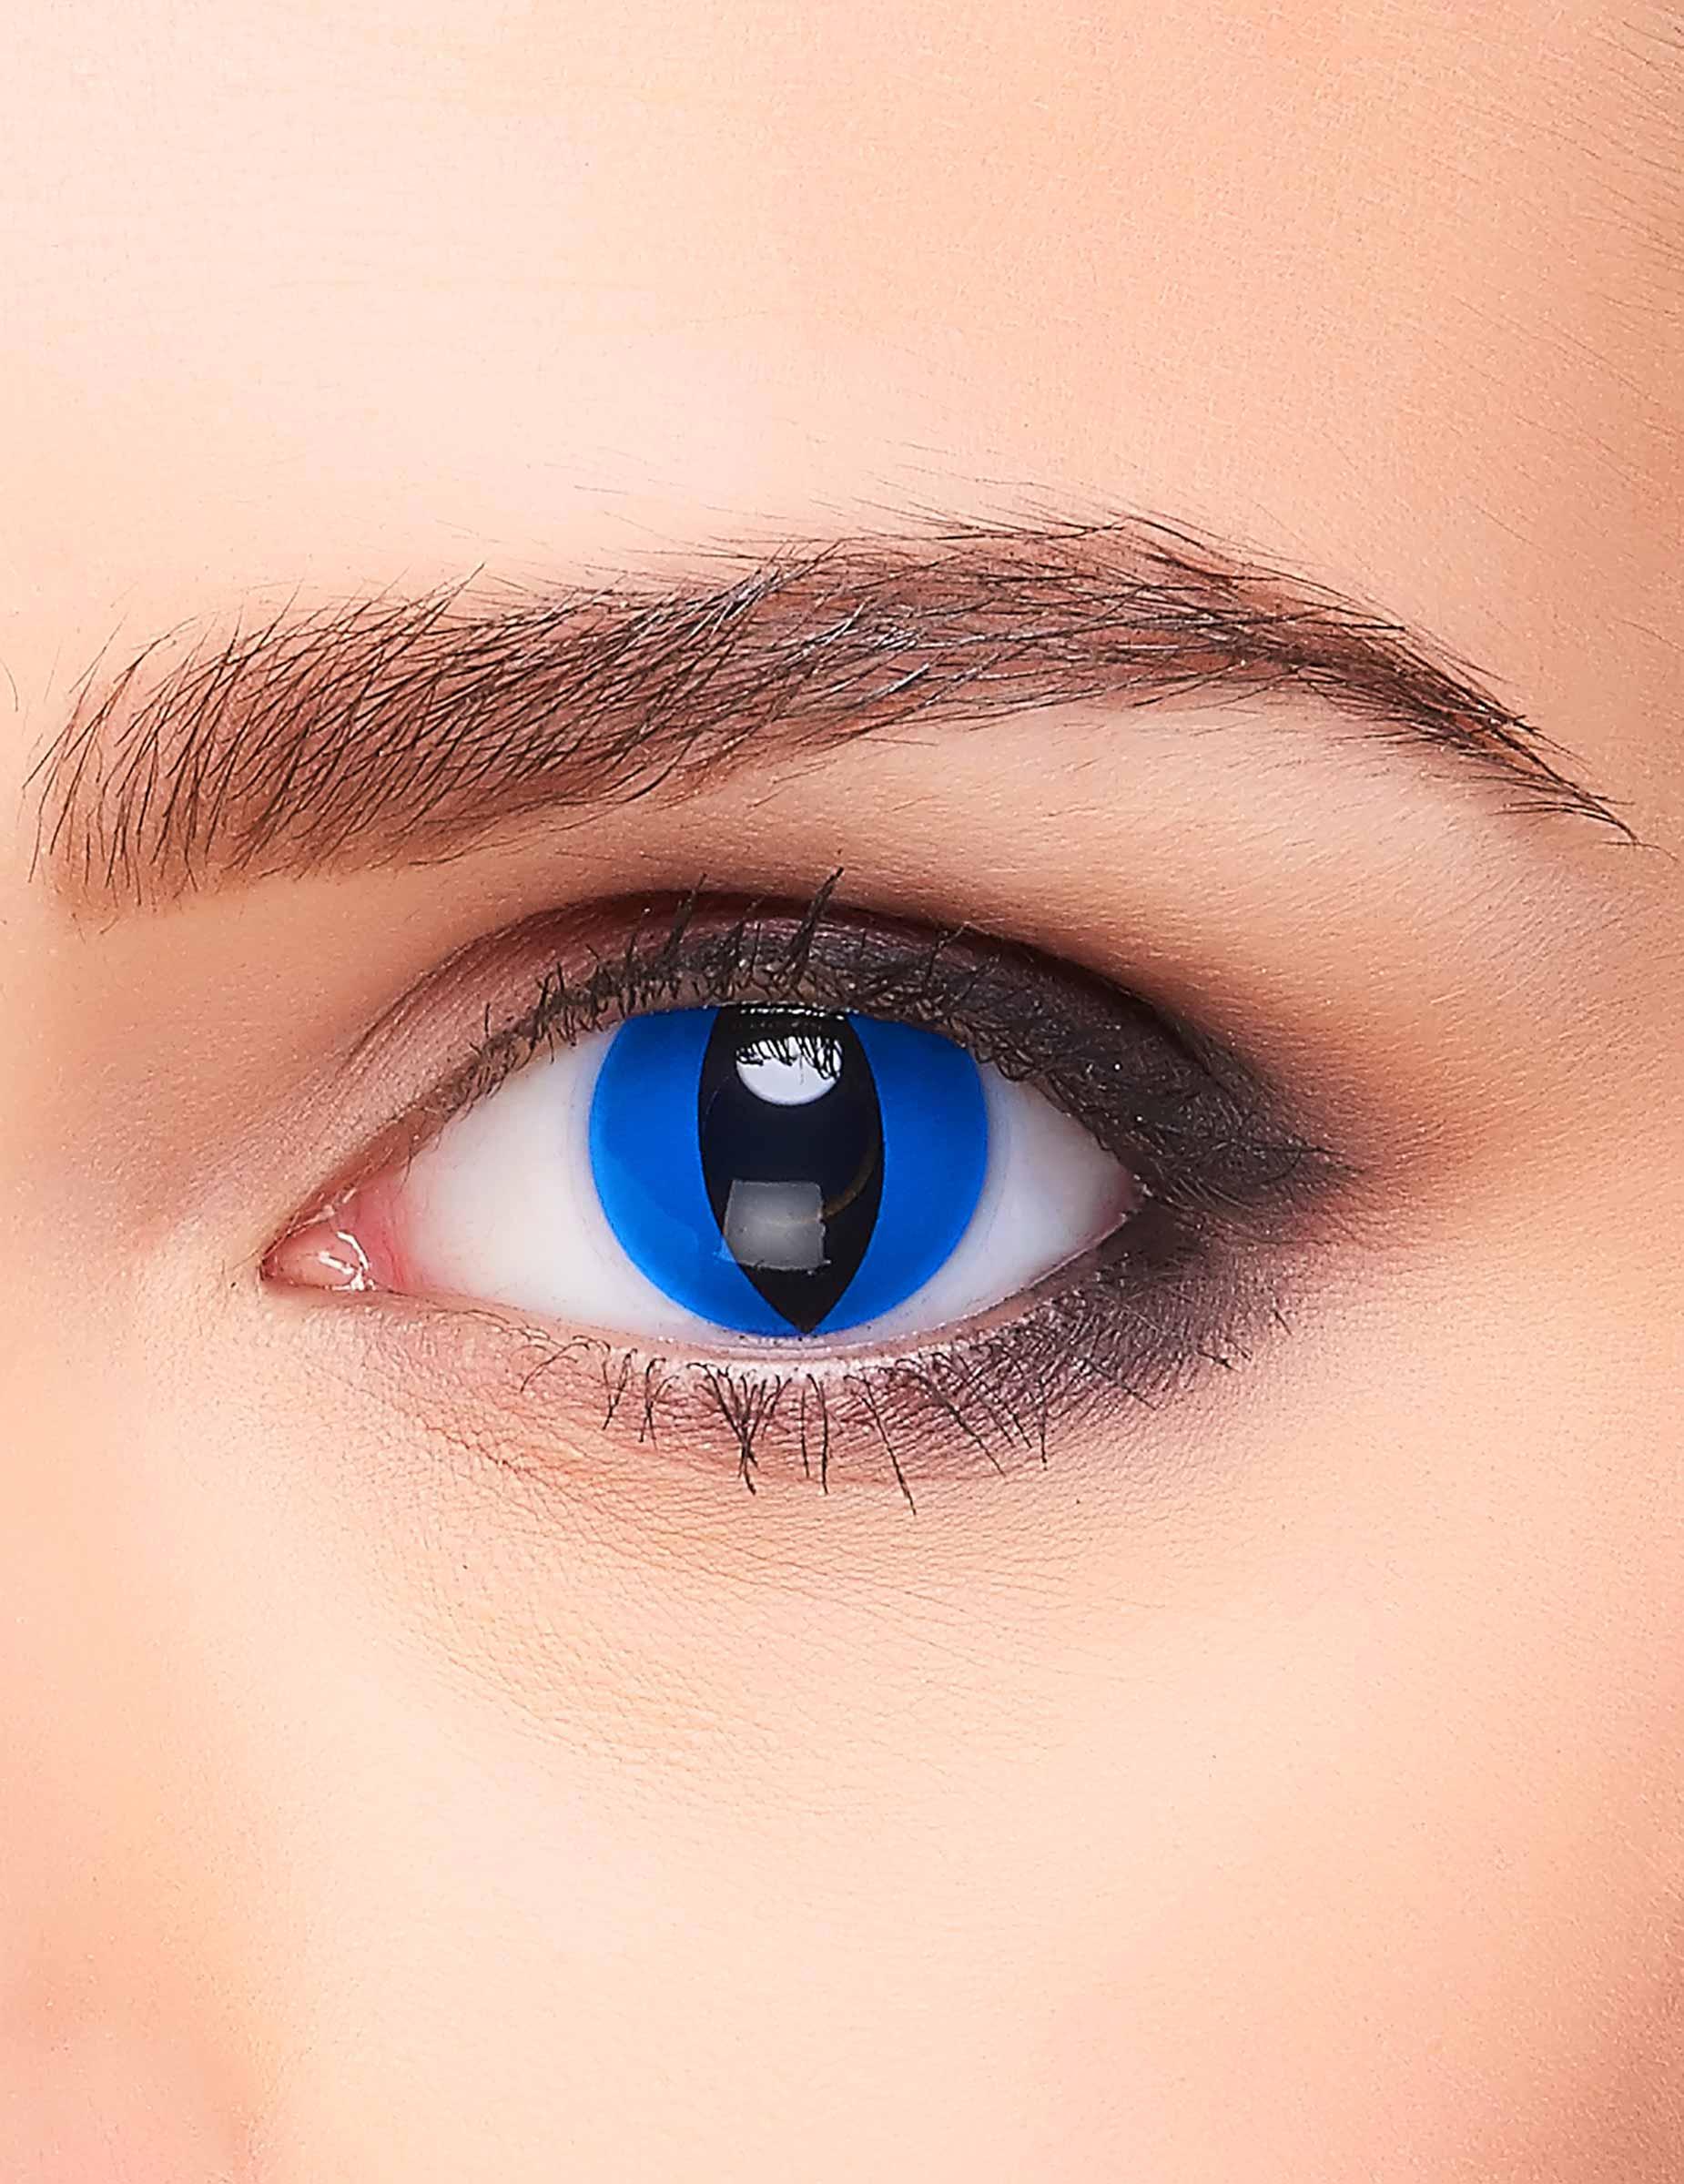 kontaktlinsen phantasie reptil blue eye erwachsene. Black Bedroom Furniture Sets. Home Design Ideas